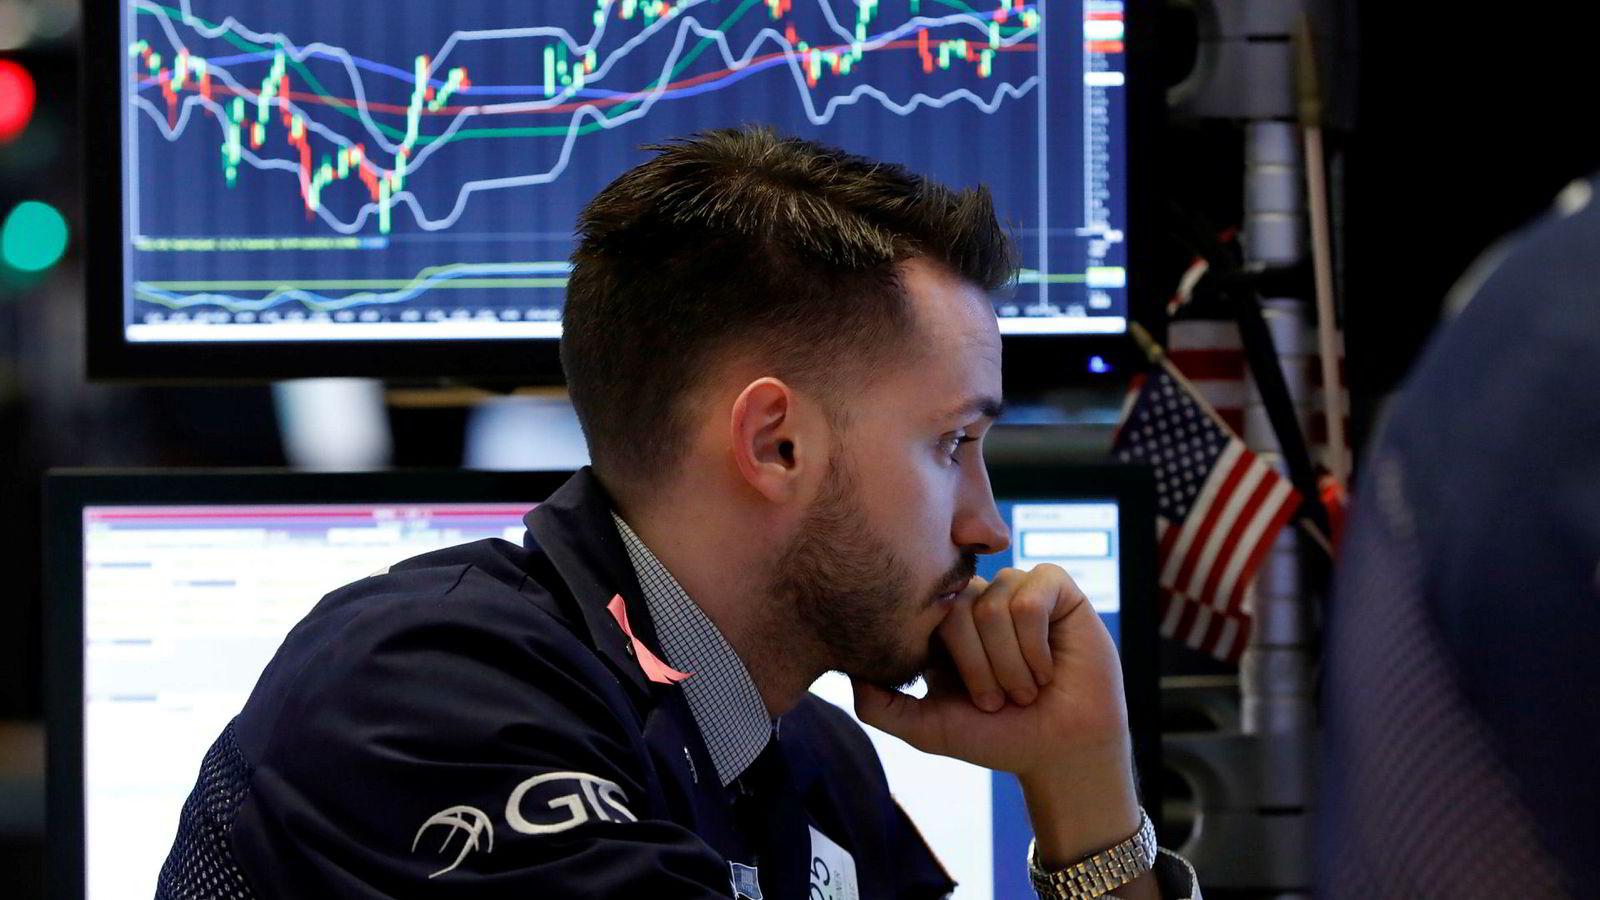 Meglerne som jobber på gulvet på Wall Street har kunnet pustet ut denne julen, etter det som har vært det kraftigste børsfallet i USA siden finanskrisen.